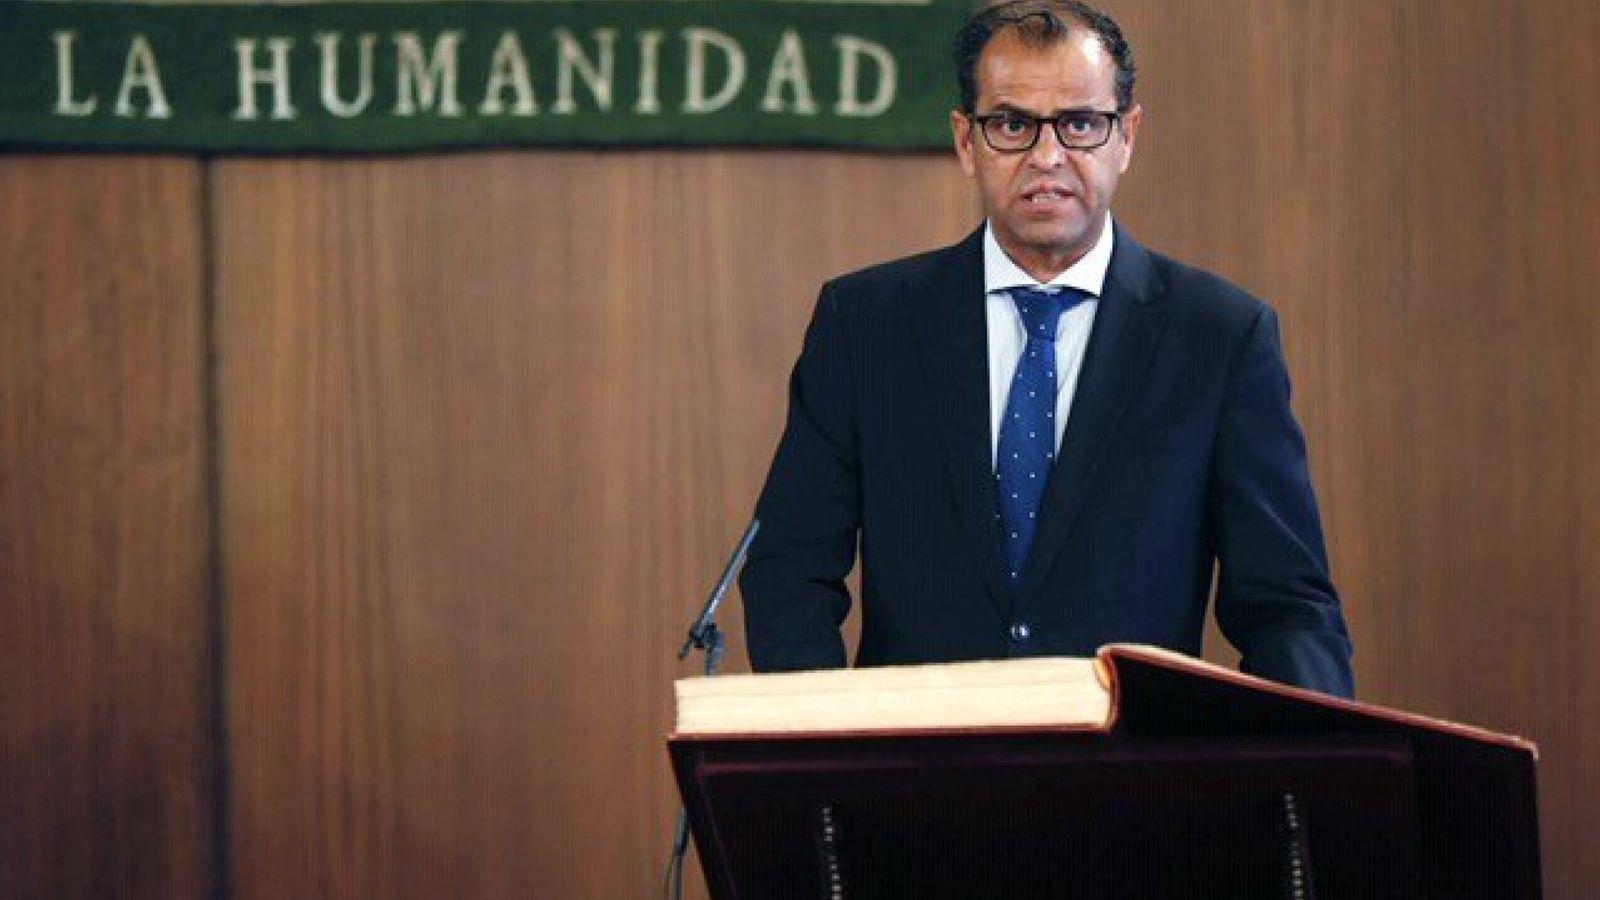 Foto: Juande Mellado, nuevo director general de la RTVA, en su toma de posesión. (EFE)